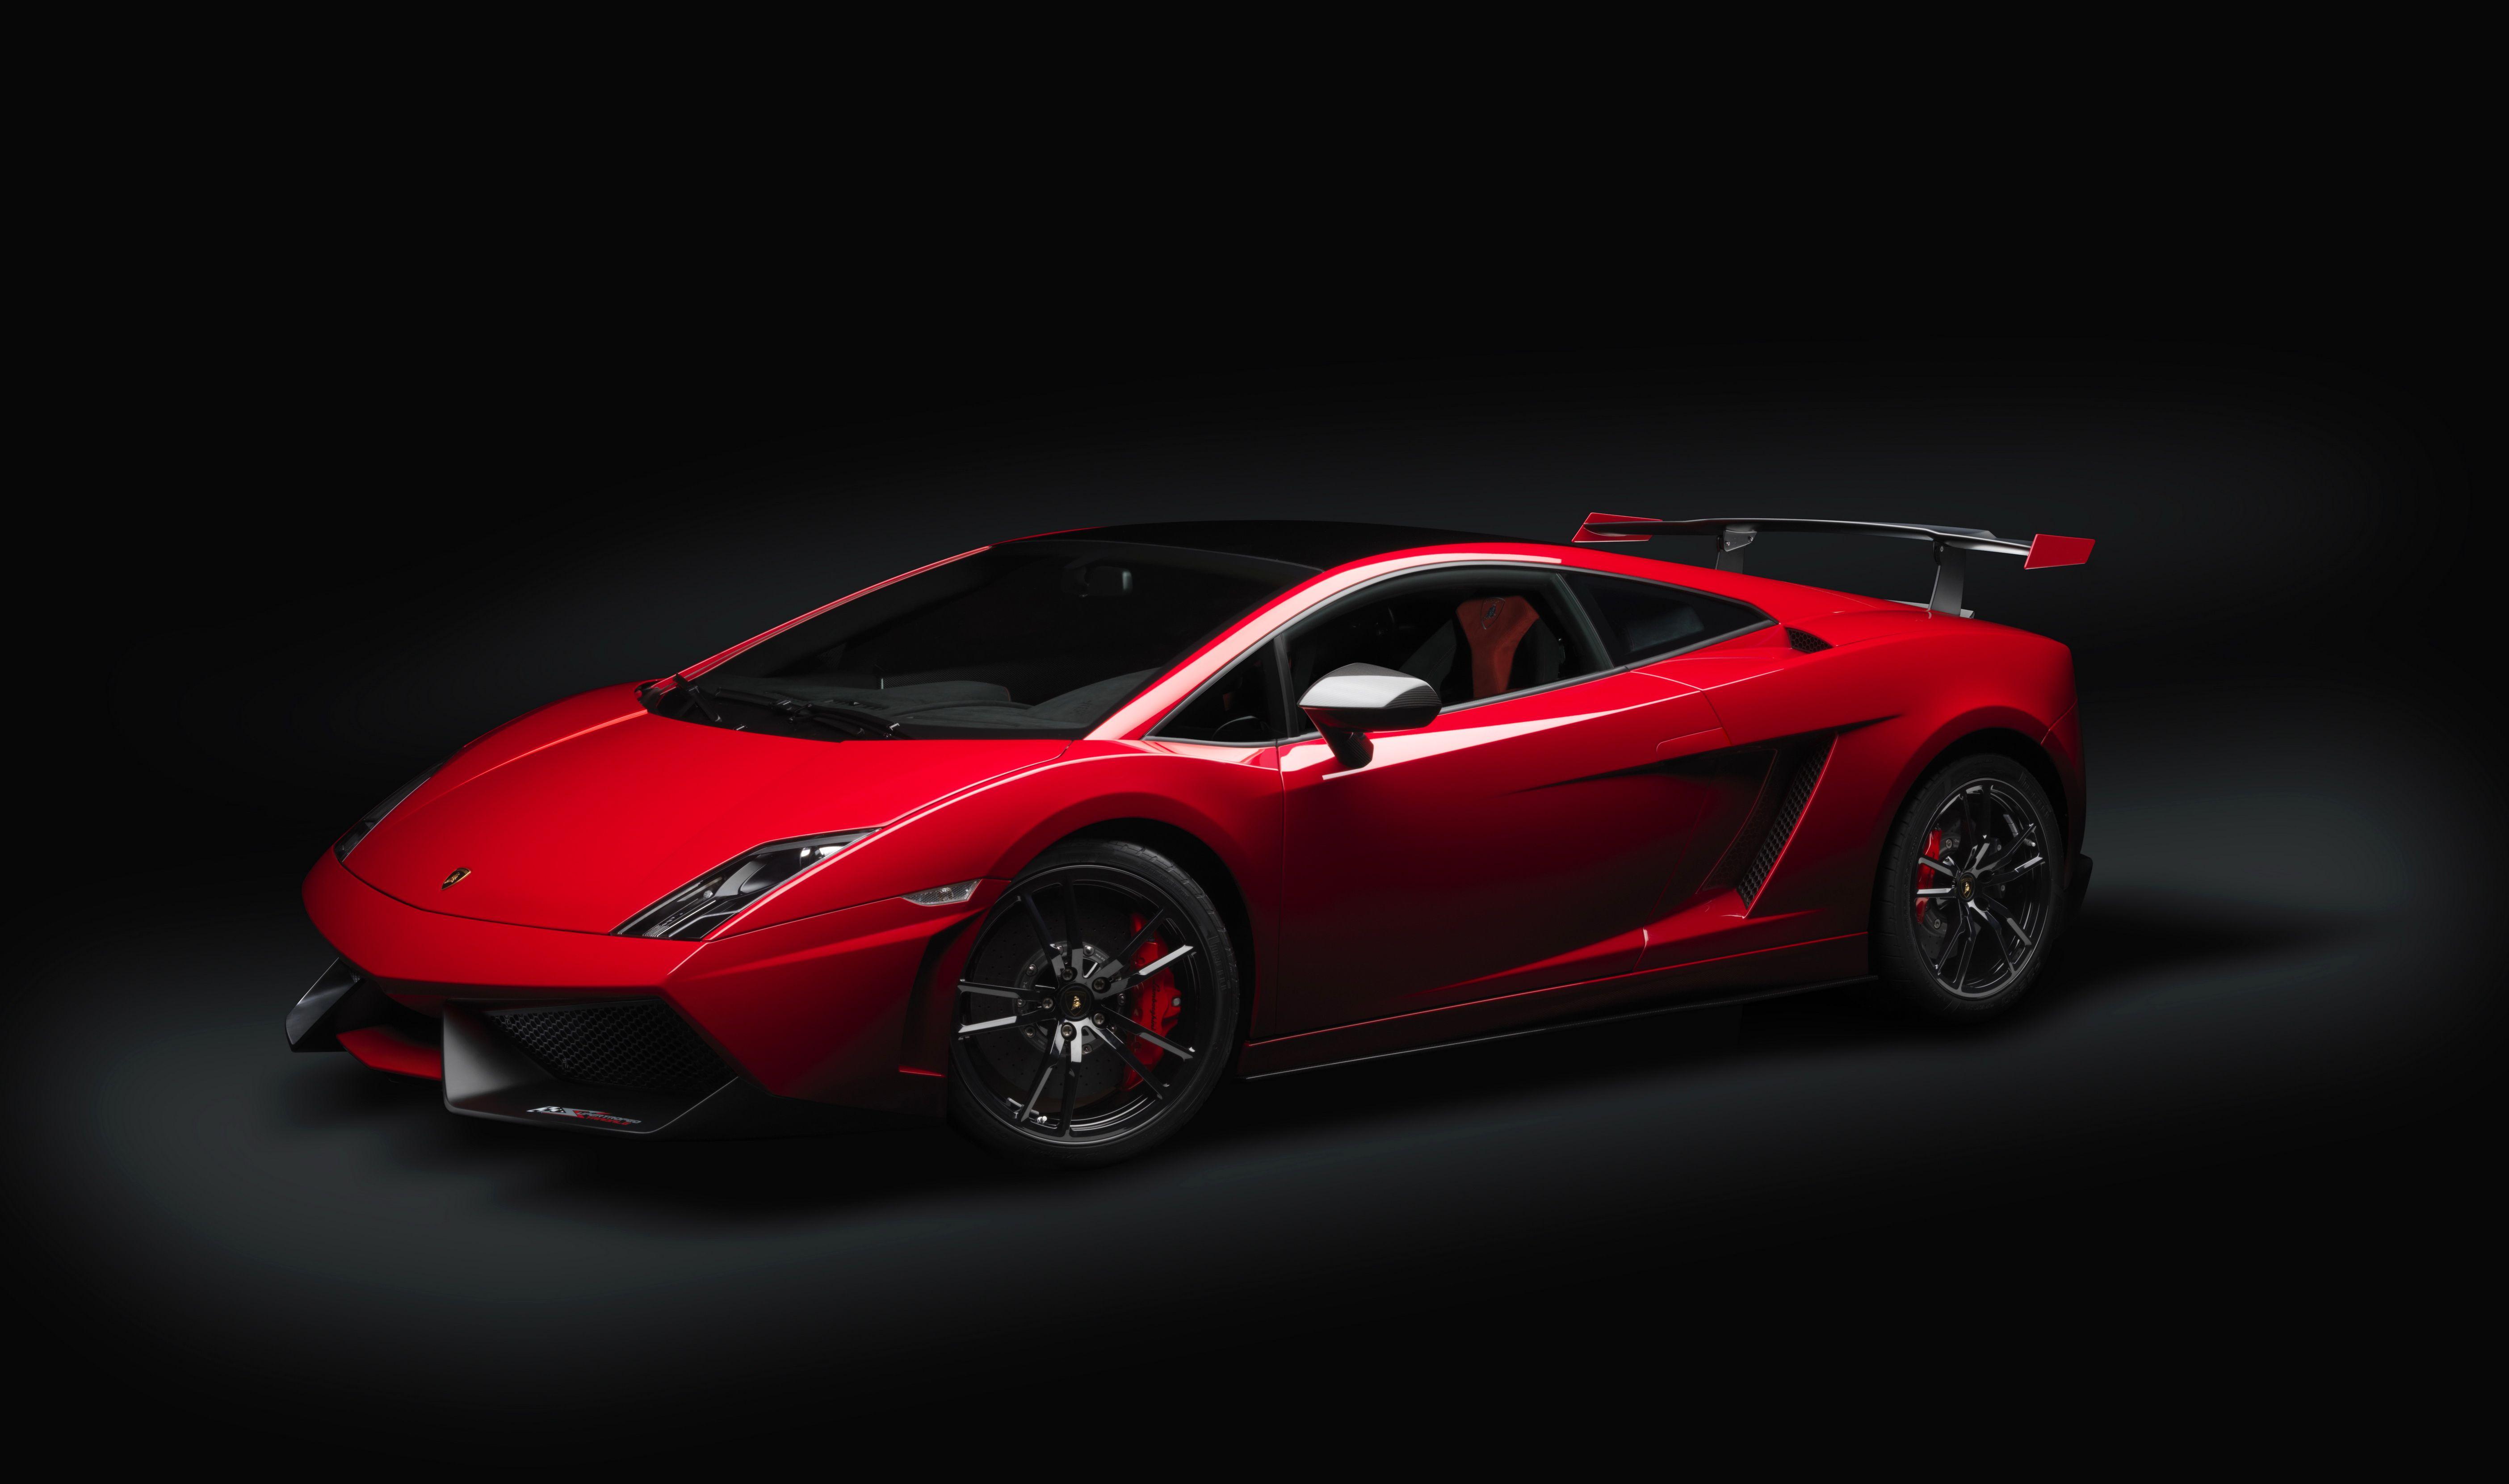 Red sports car wallpaper 5616x3322